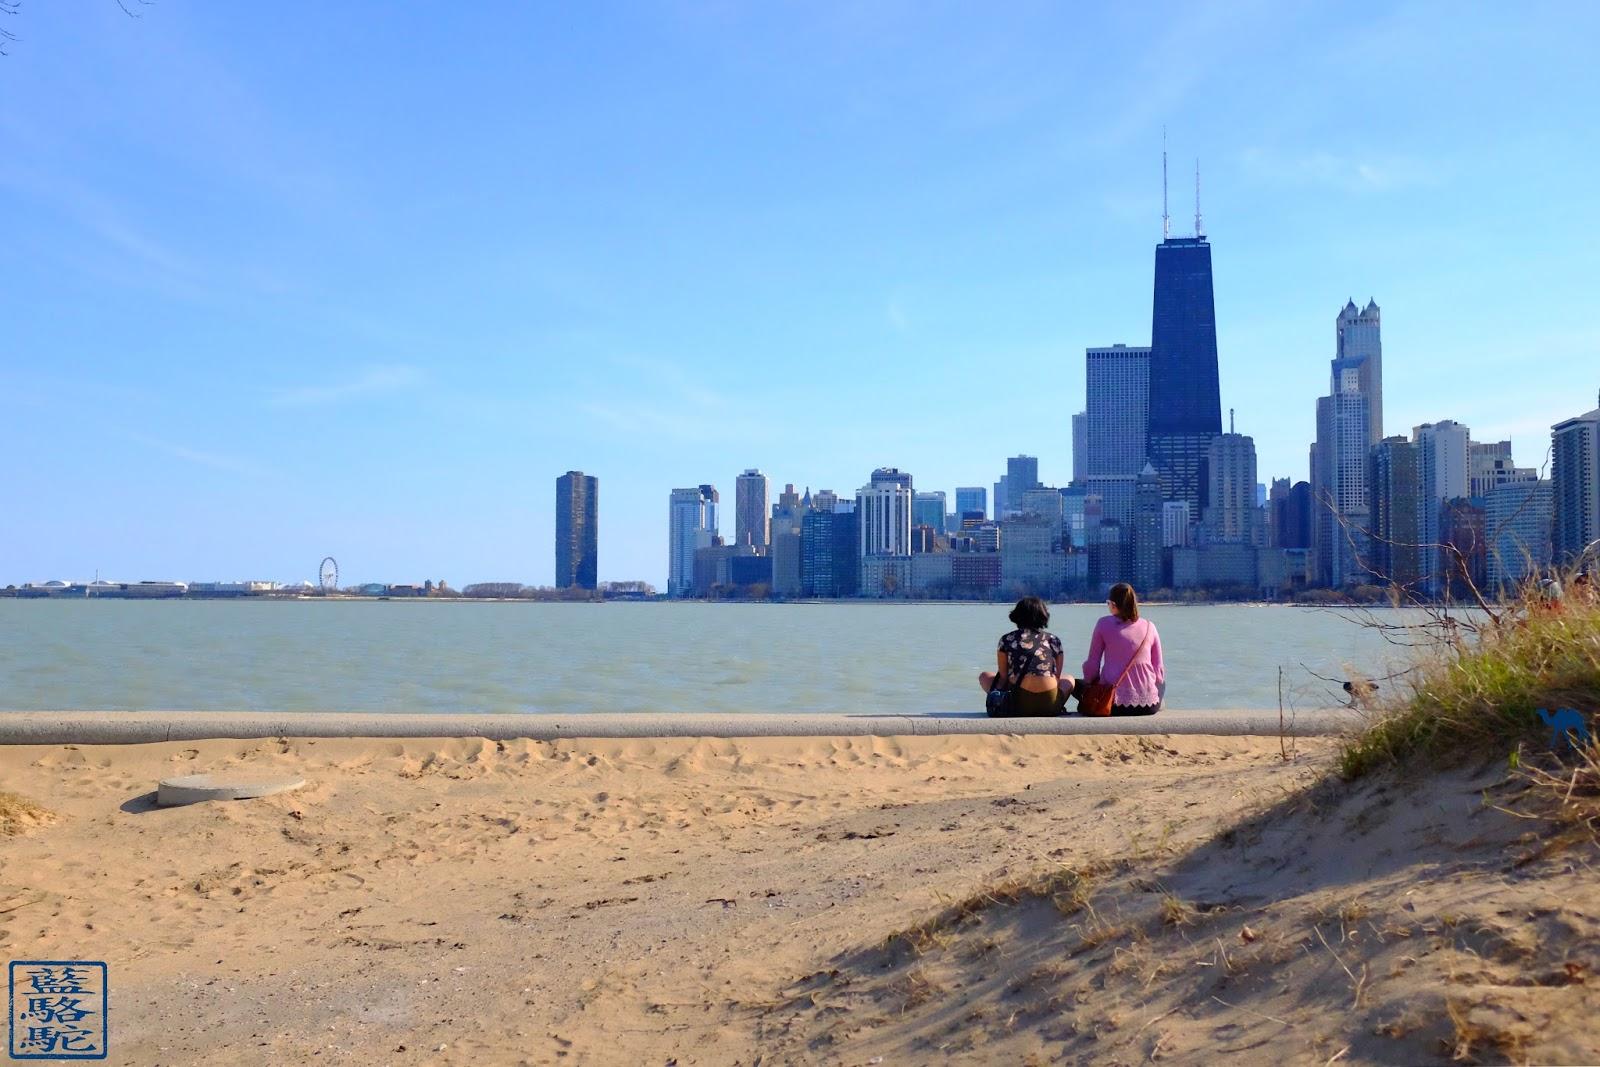 Le Chameau Bleu - Blog Voyage Chicago USA -  Plage de Chicago Que faire à Chicago